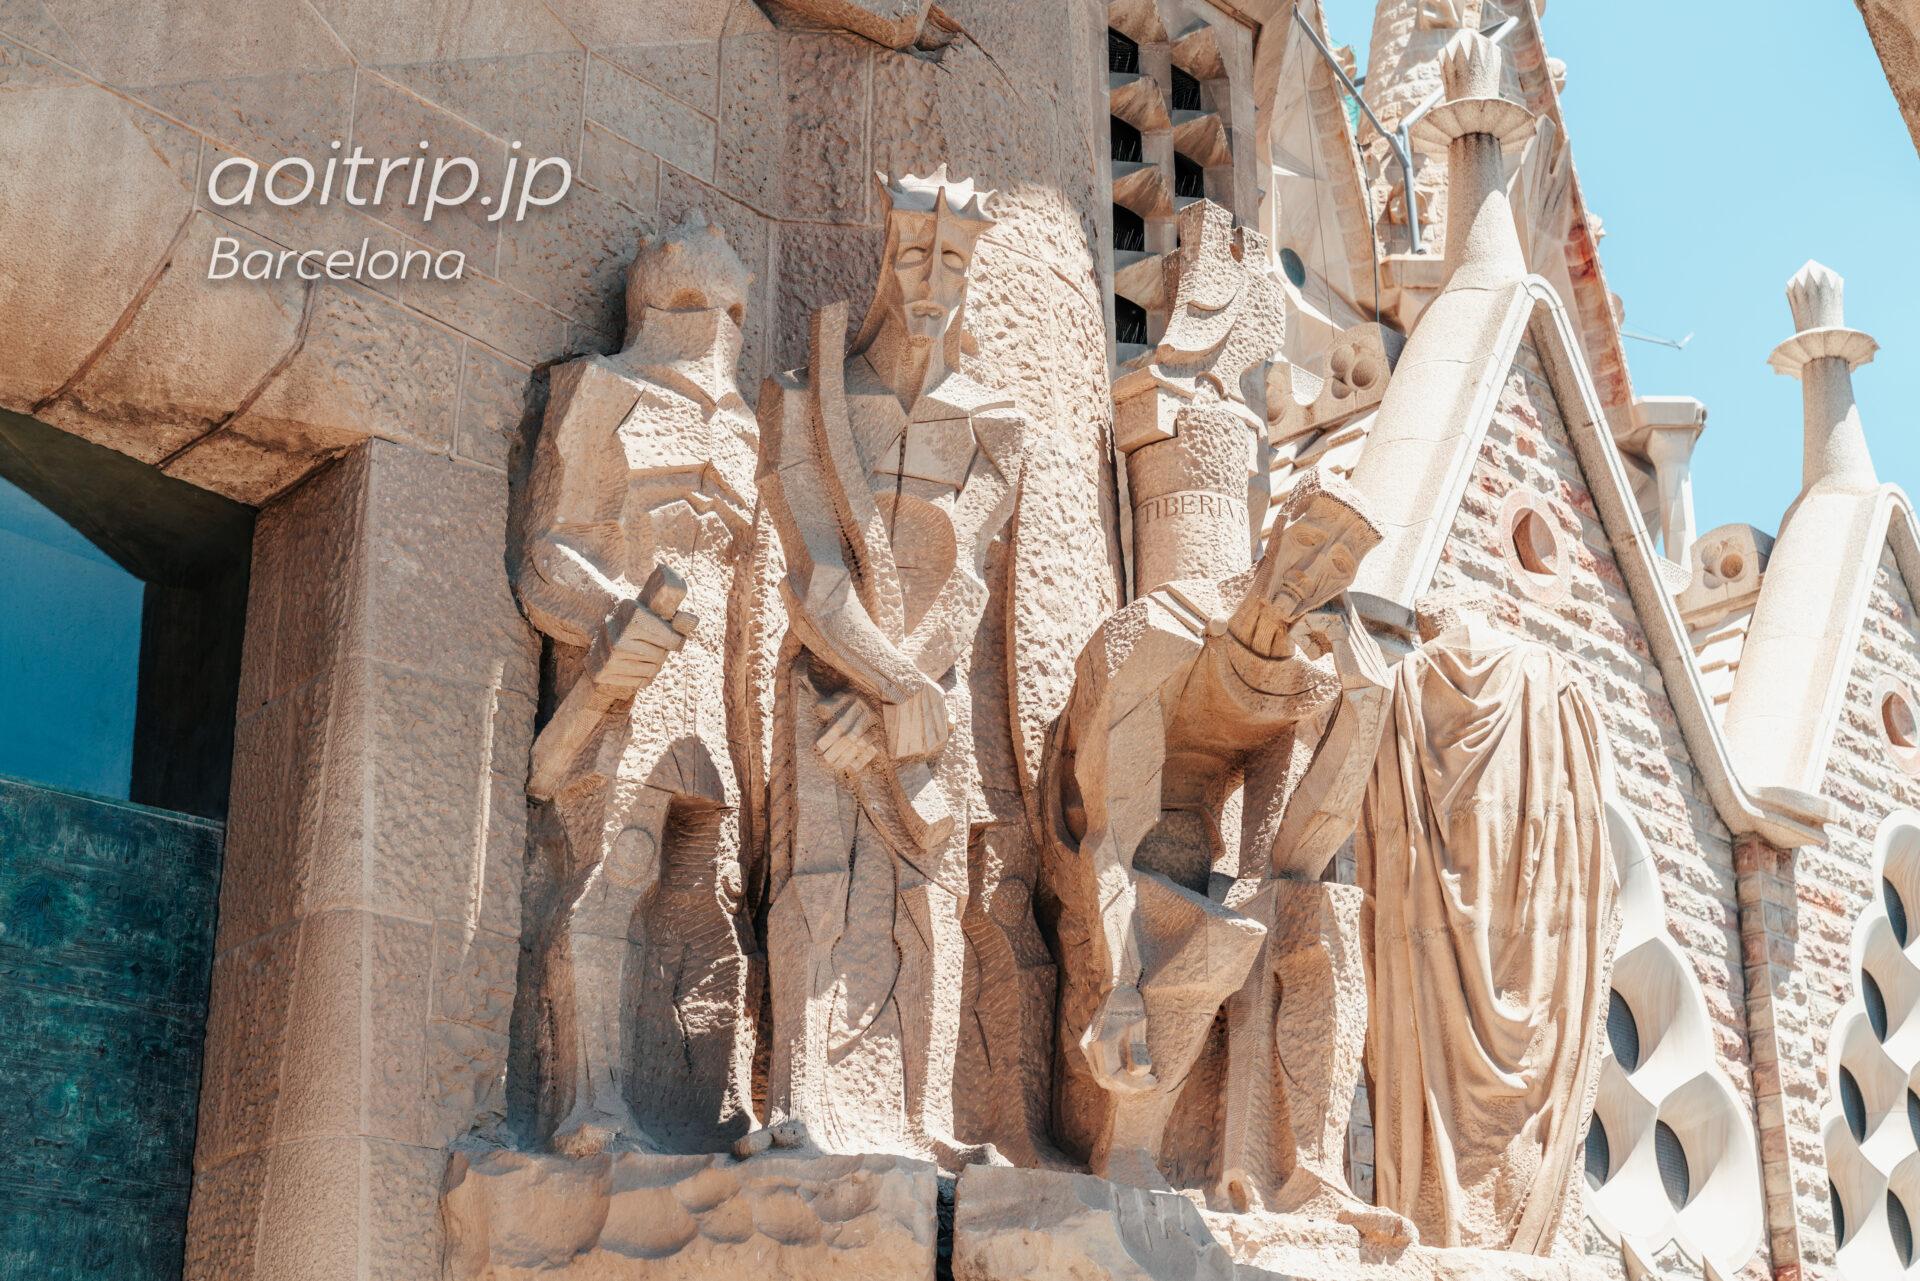 Basílica de la Sagrada Família(Façana de la Passió, The Ecce Homo)